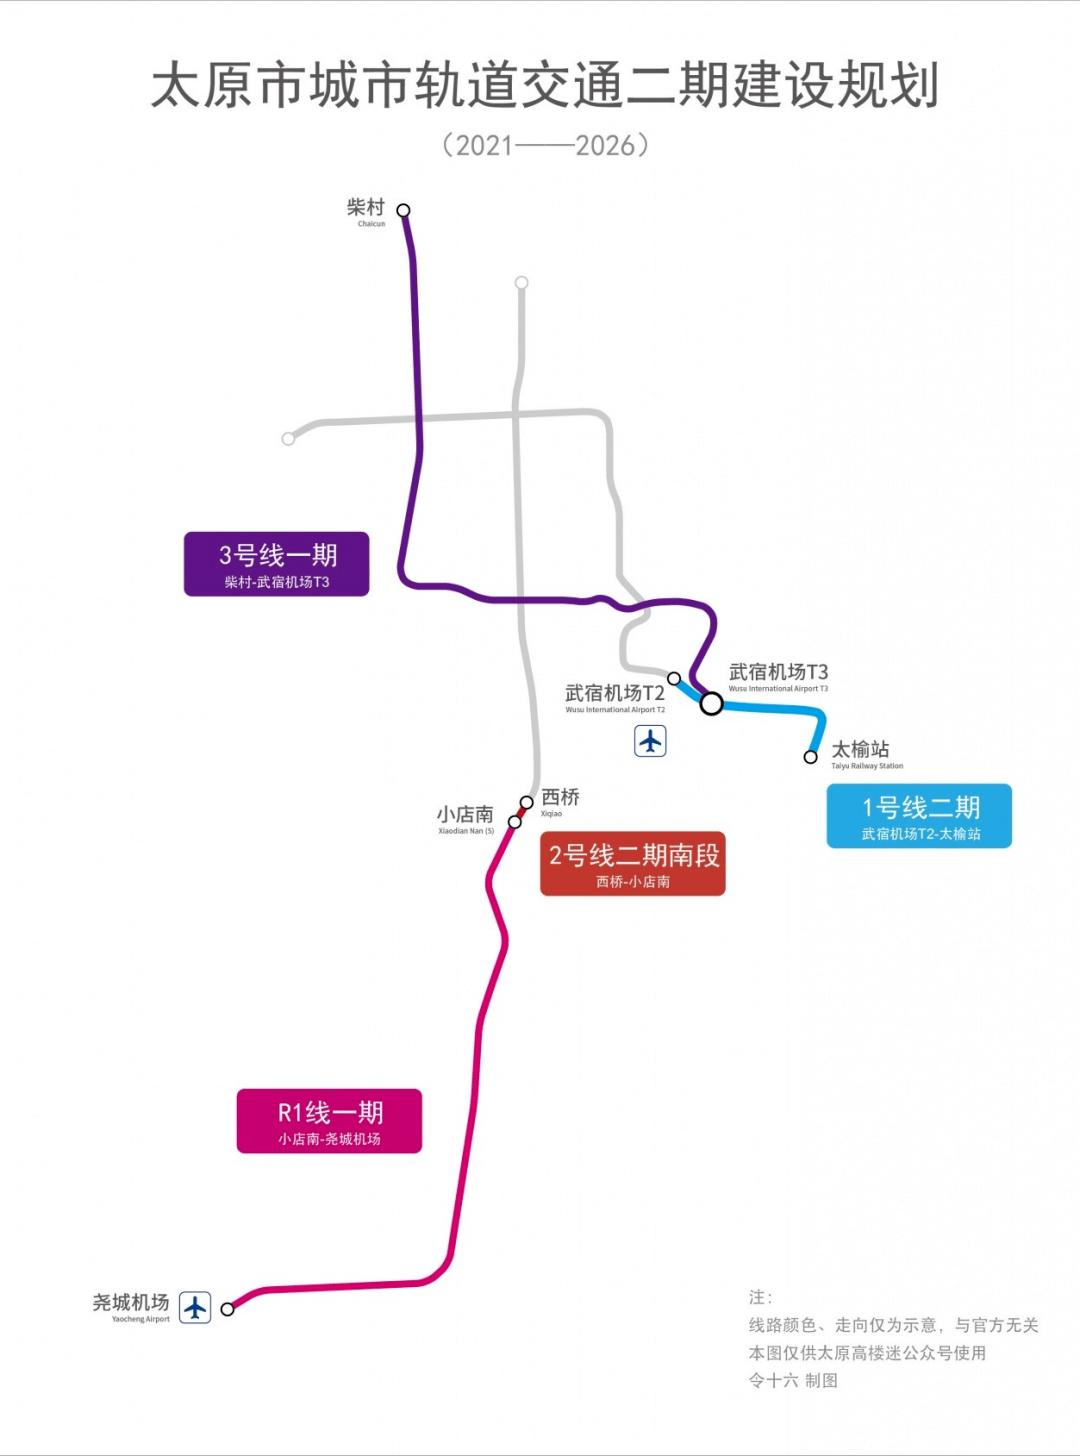 开年重磅!75. 85km、40座车站,太原地铁二期建设规划出炉!还有1号线最新进展...  第5张